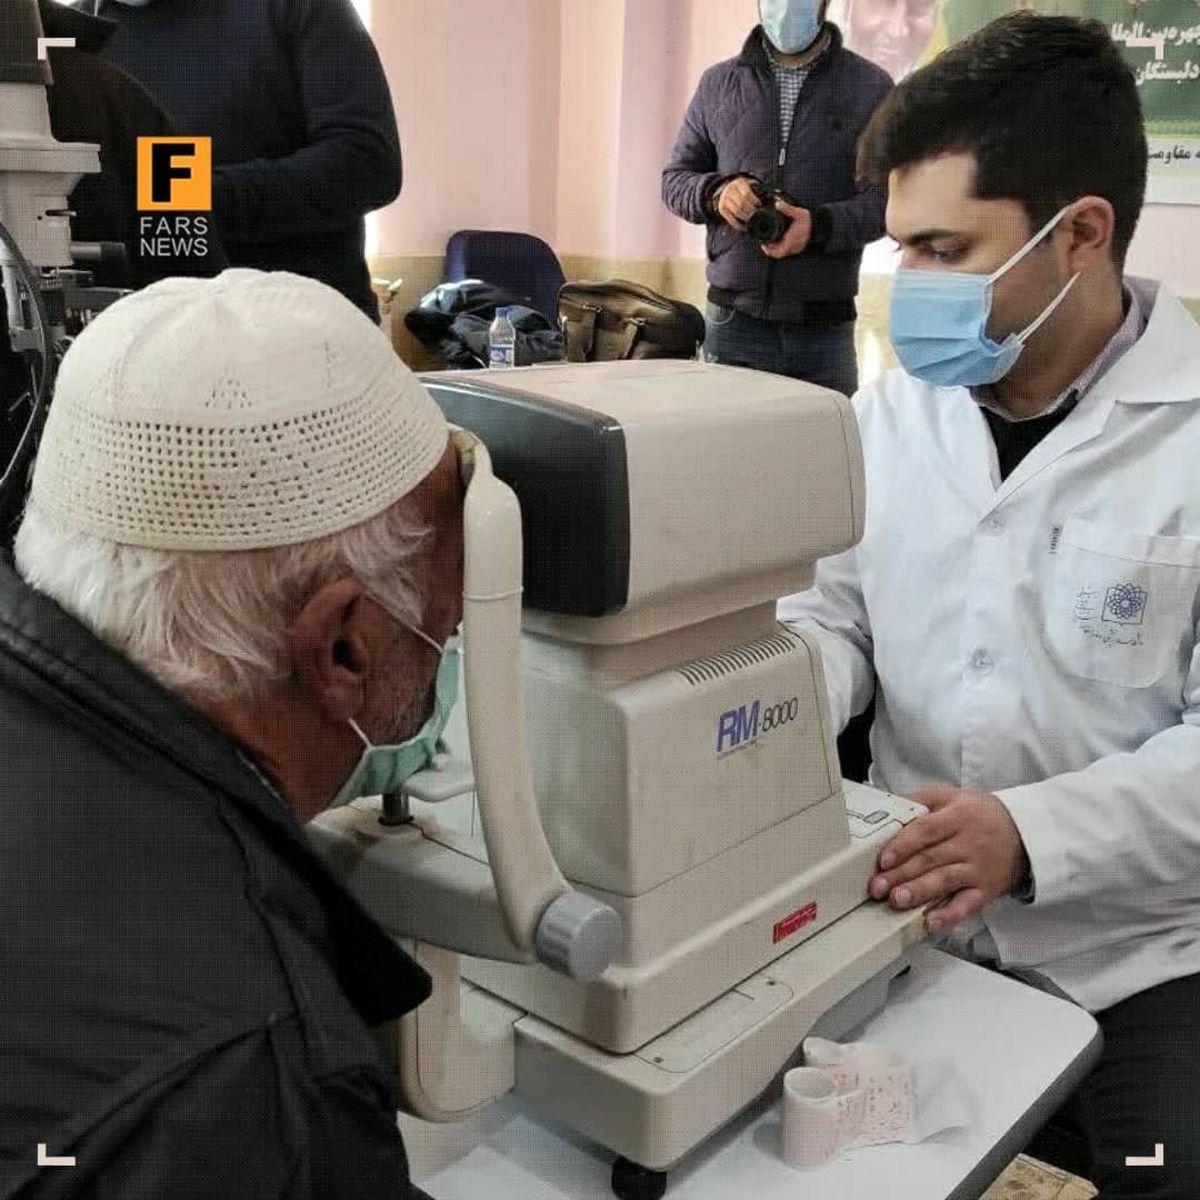 درمان بیمهشدگان بالای ۶۵ سال رایگان شد